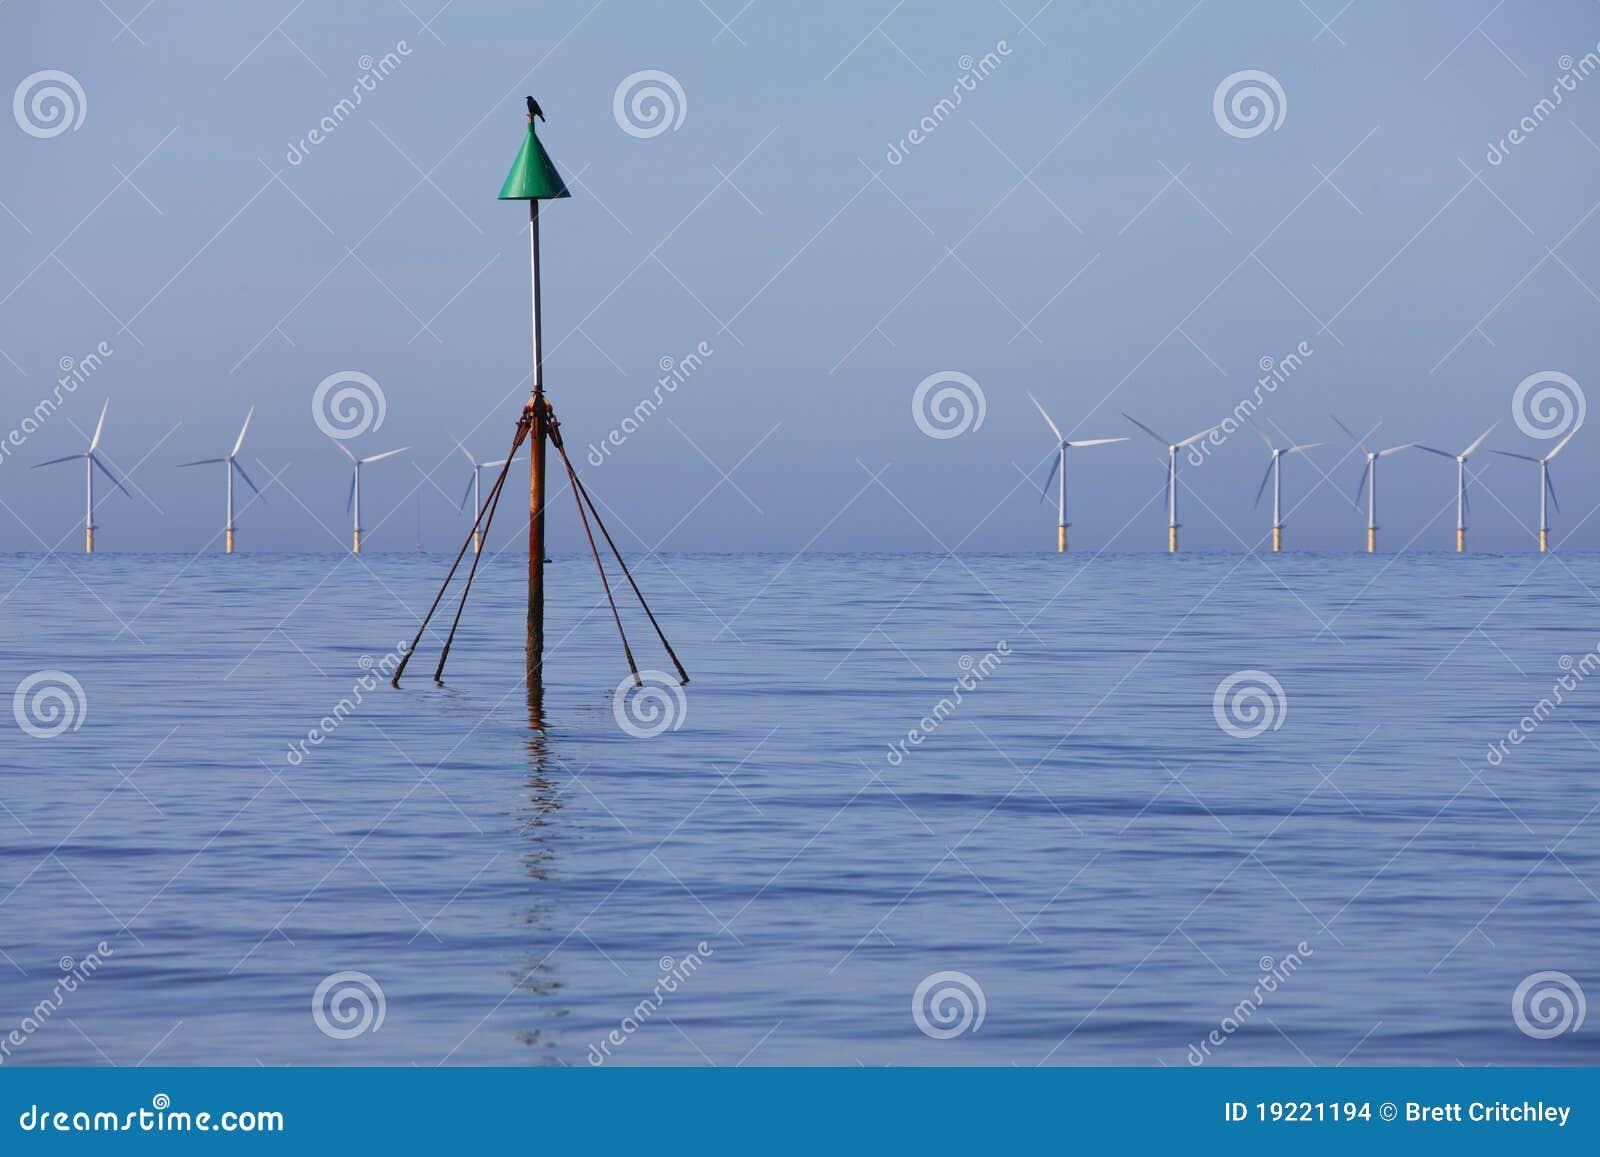 Energía del eco de la energía eólica